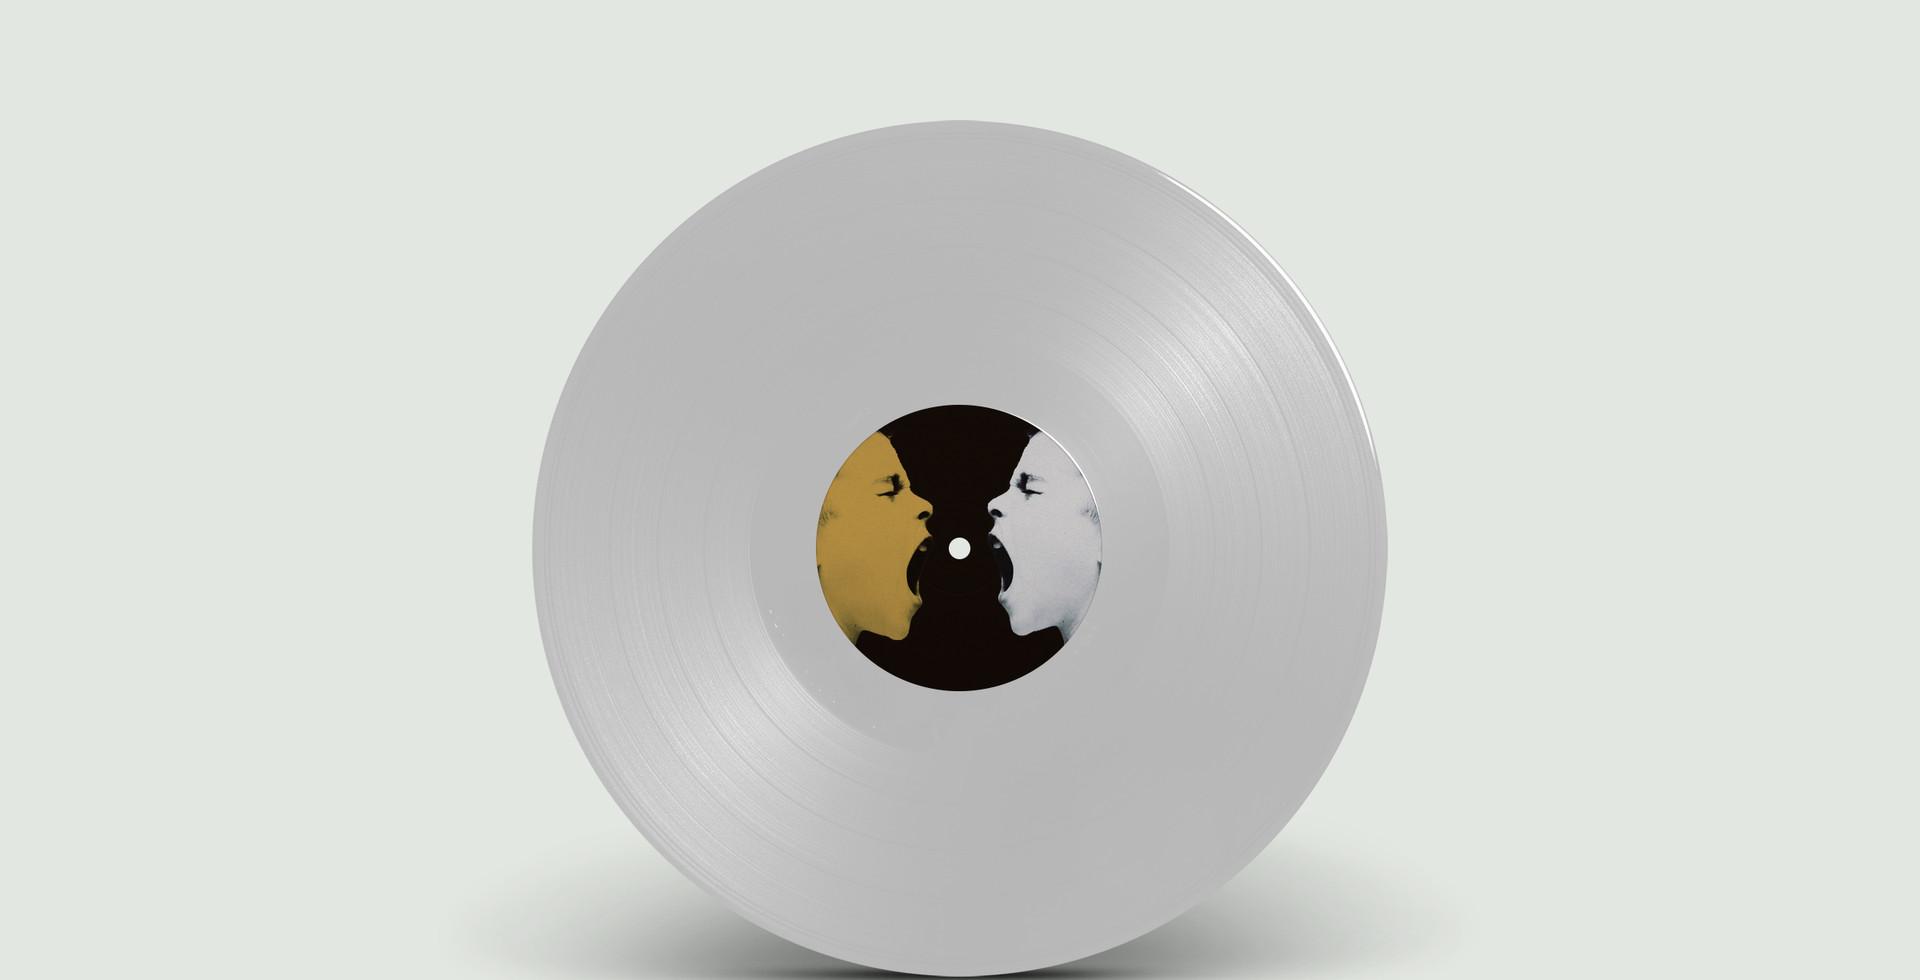 3_Vinyl_SteveKöhler_Bloodandpencil_Artwo